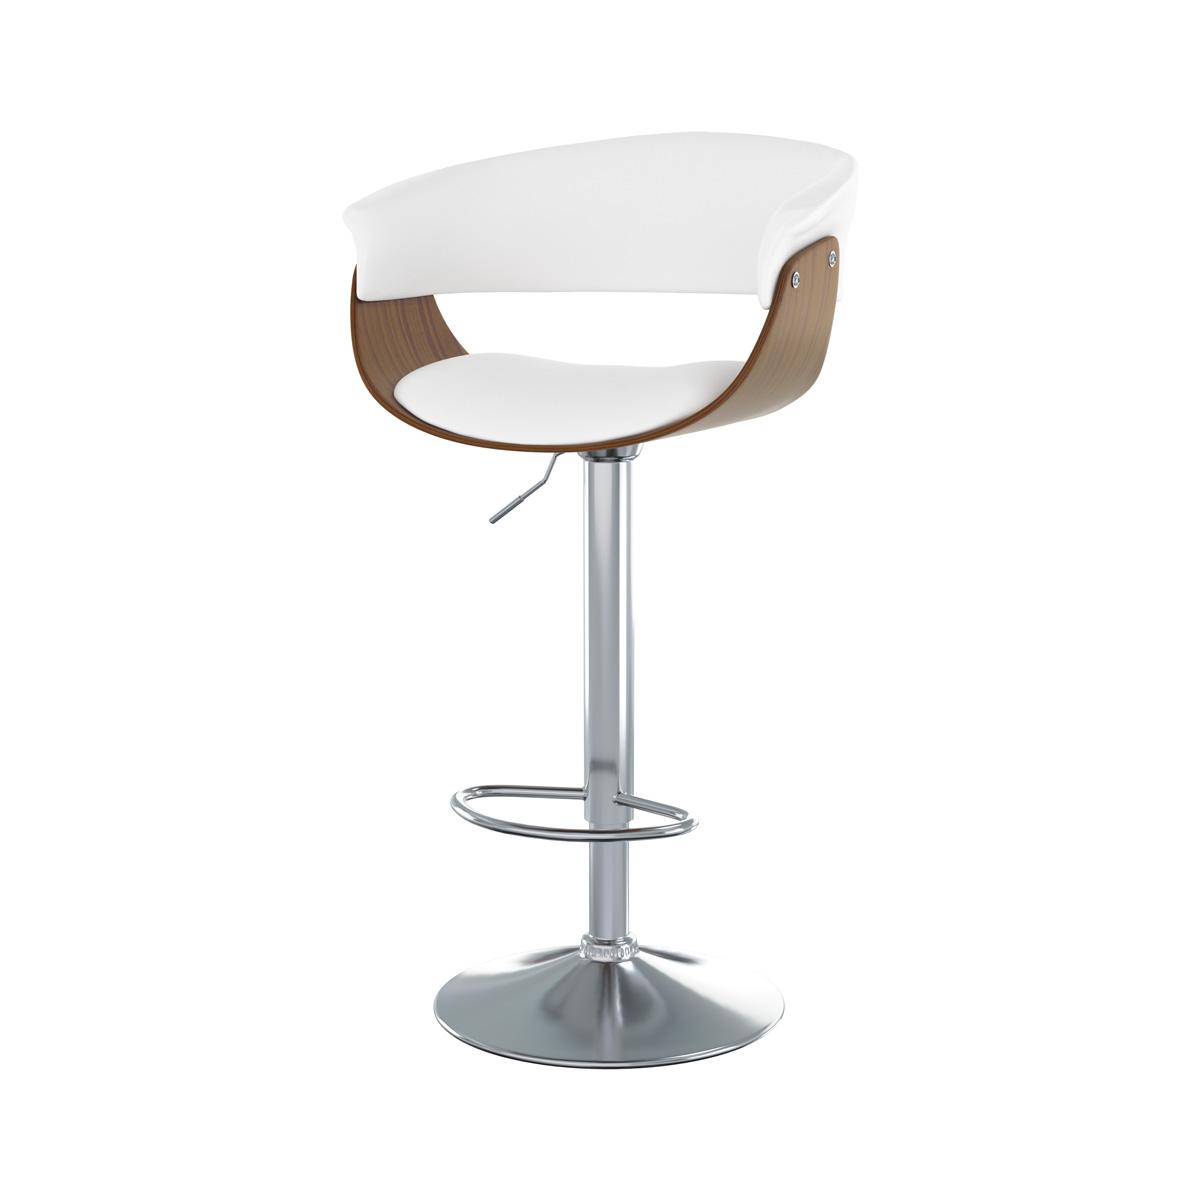 Chaise de bar réglable 65.5/81 cm en cuir synthétique blanc